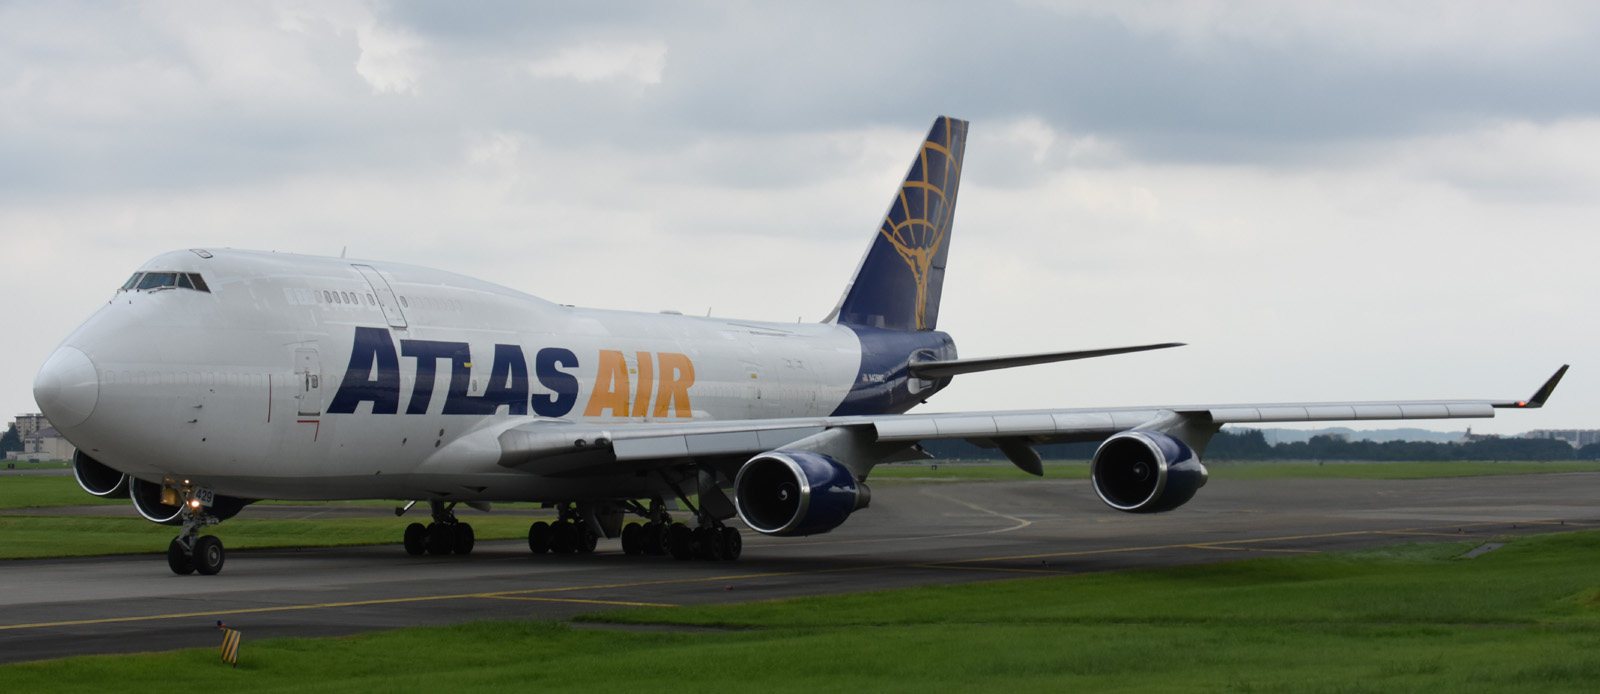 Atlas170820g430